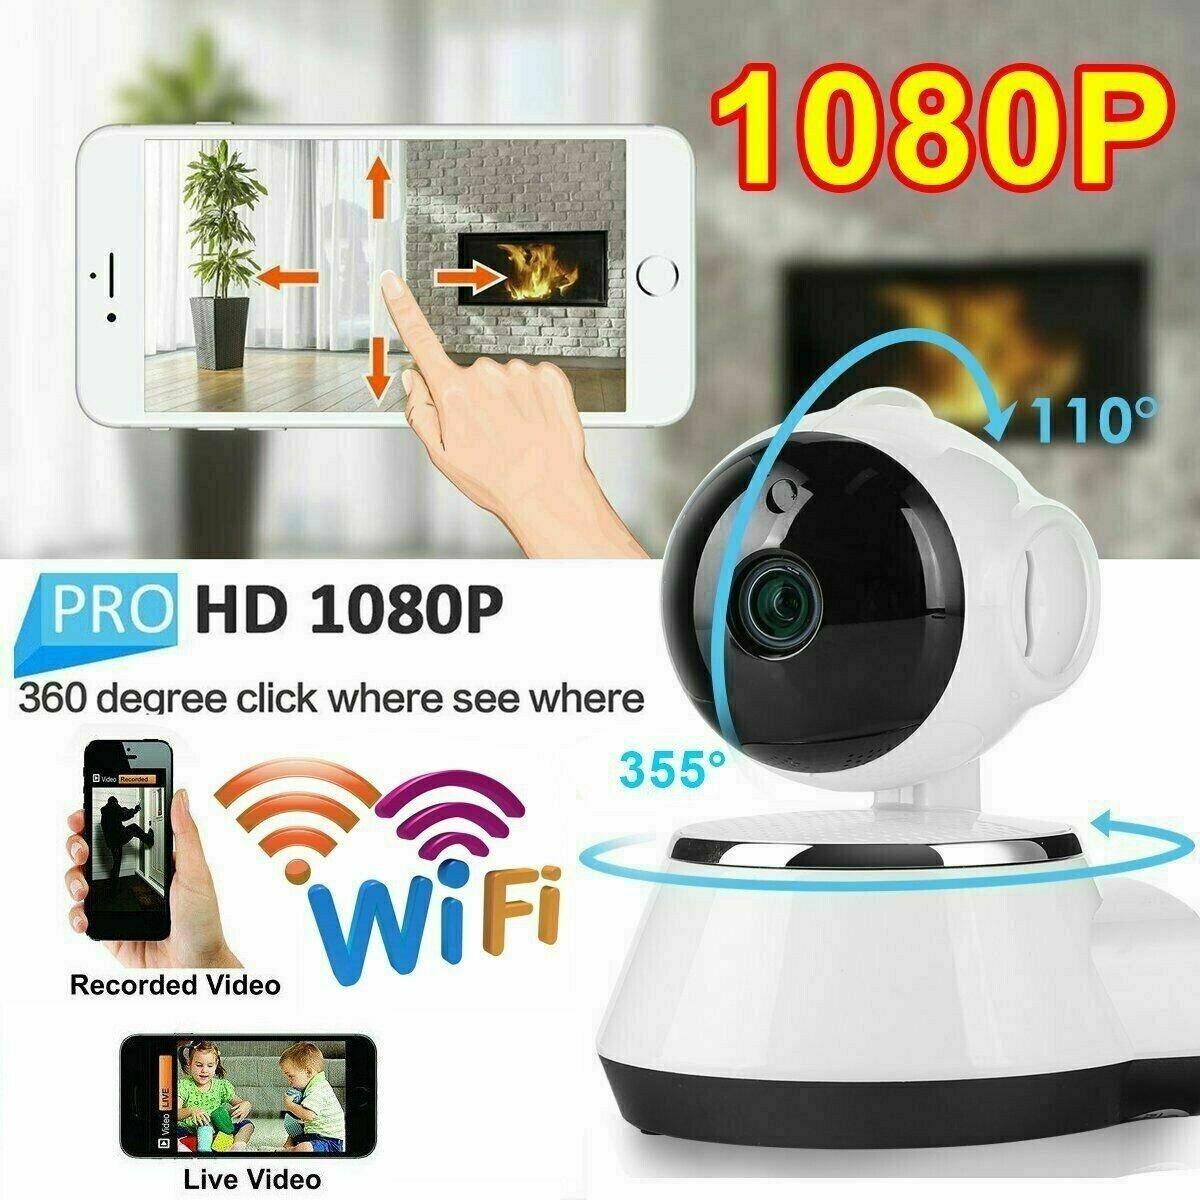 جديد V380 واي فاي كاميرا IP المنزل الذكي لاسلكي كاميرا مراقبة الأمن كاميرا مايكرو SD شبكة للتدوير الدوائر التلفزيونية المغلقة IOS PC GPS